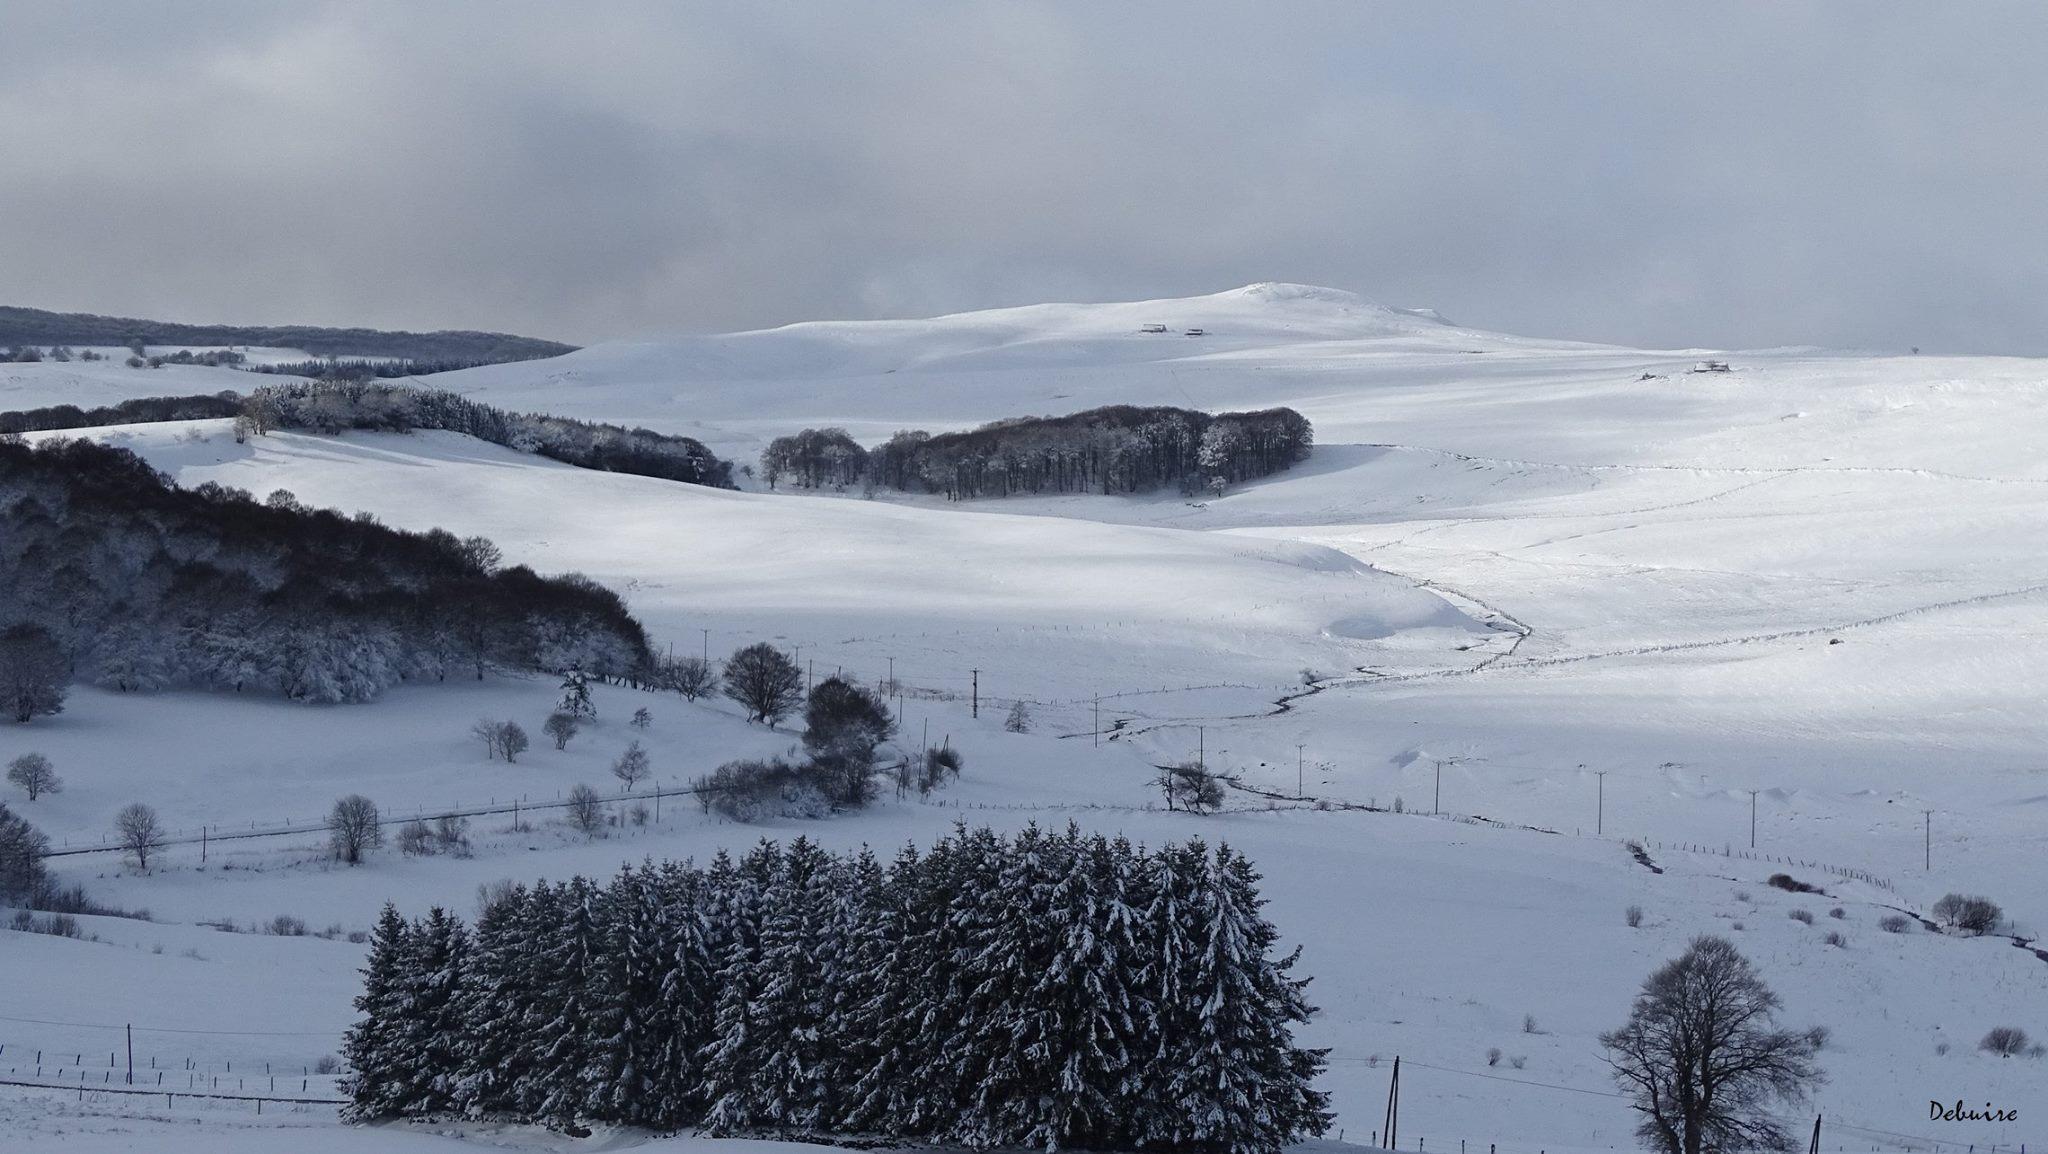 Neige sur l'Aubrac © Gitaubrac